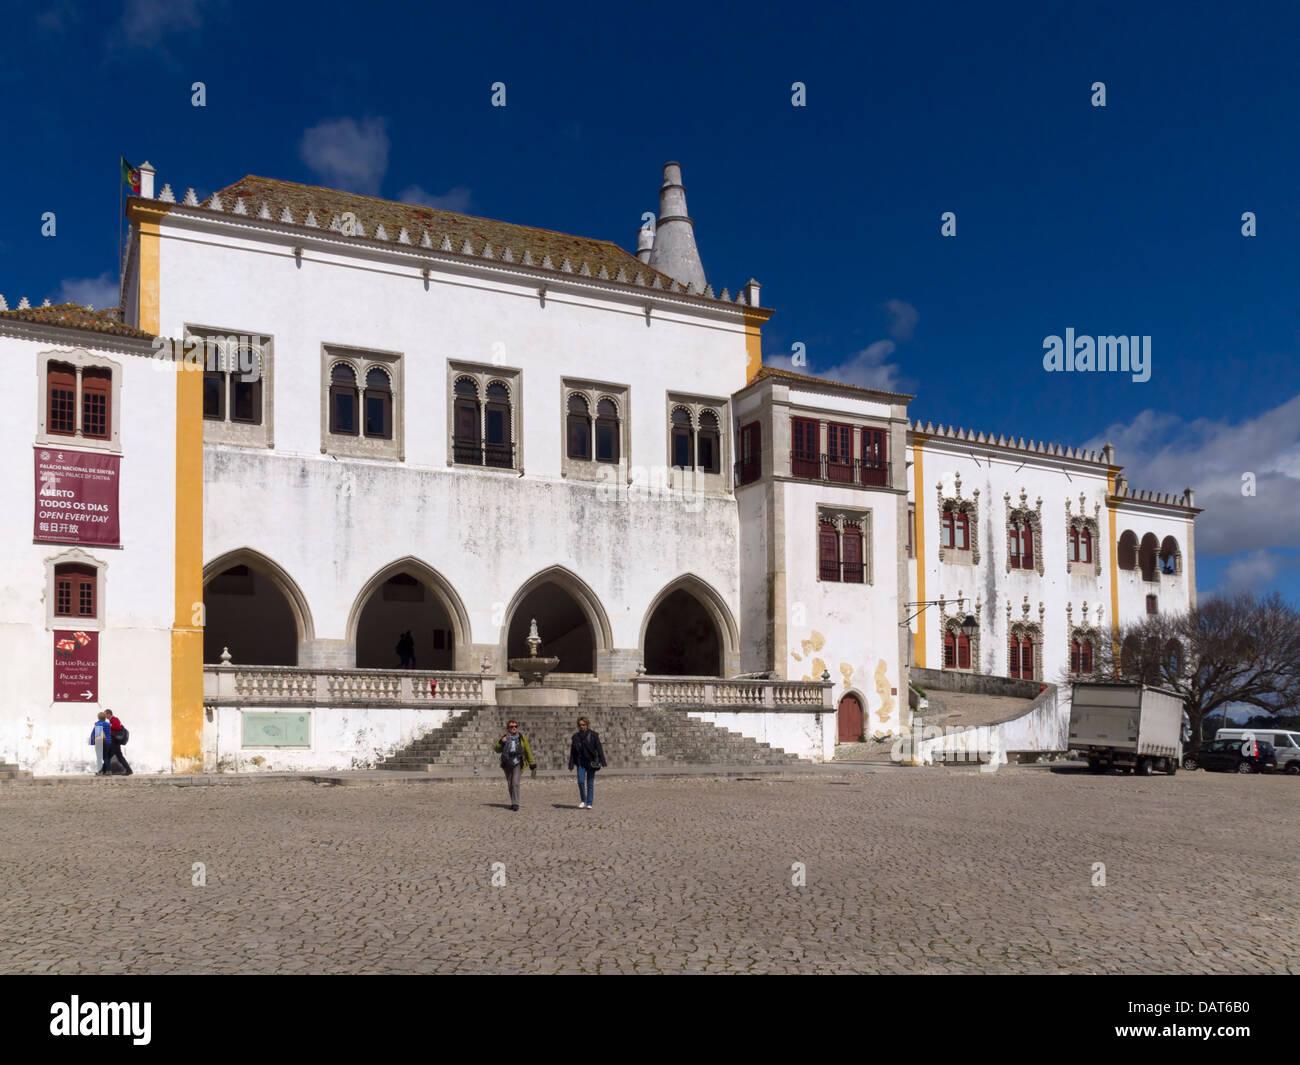 Palácio Nacional (National Palace) in Sintra, Portugal, Europe Stock Photo